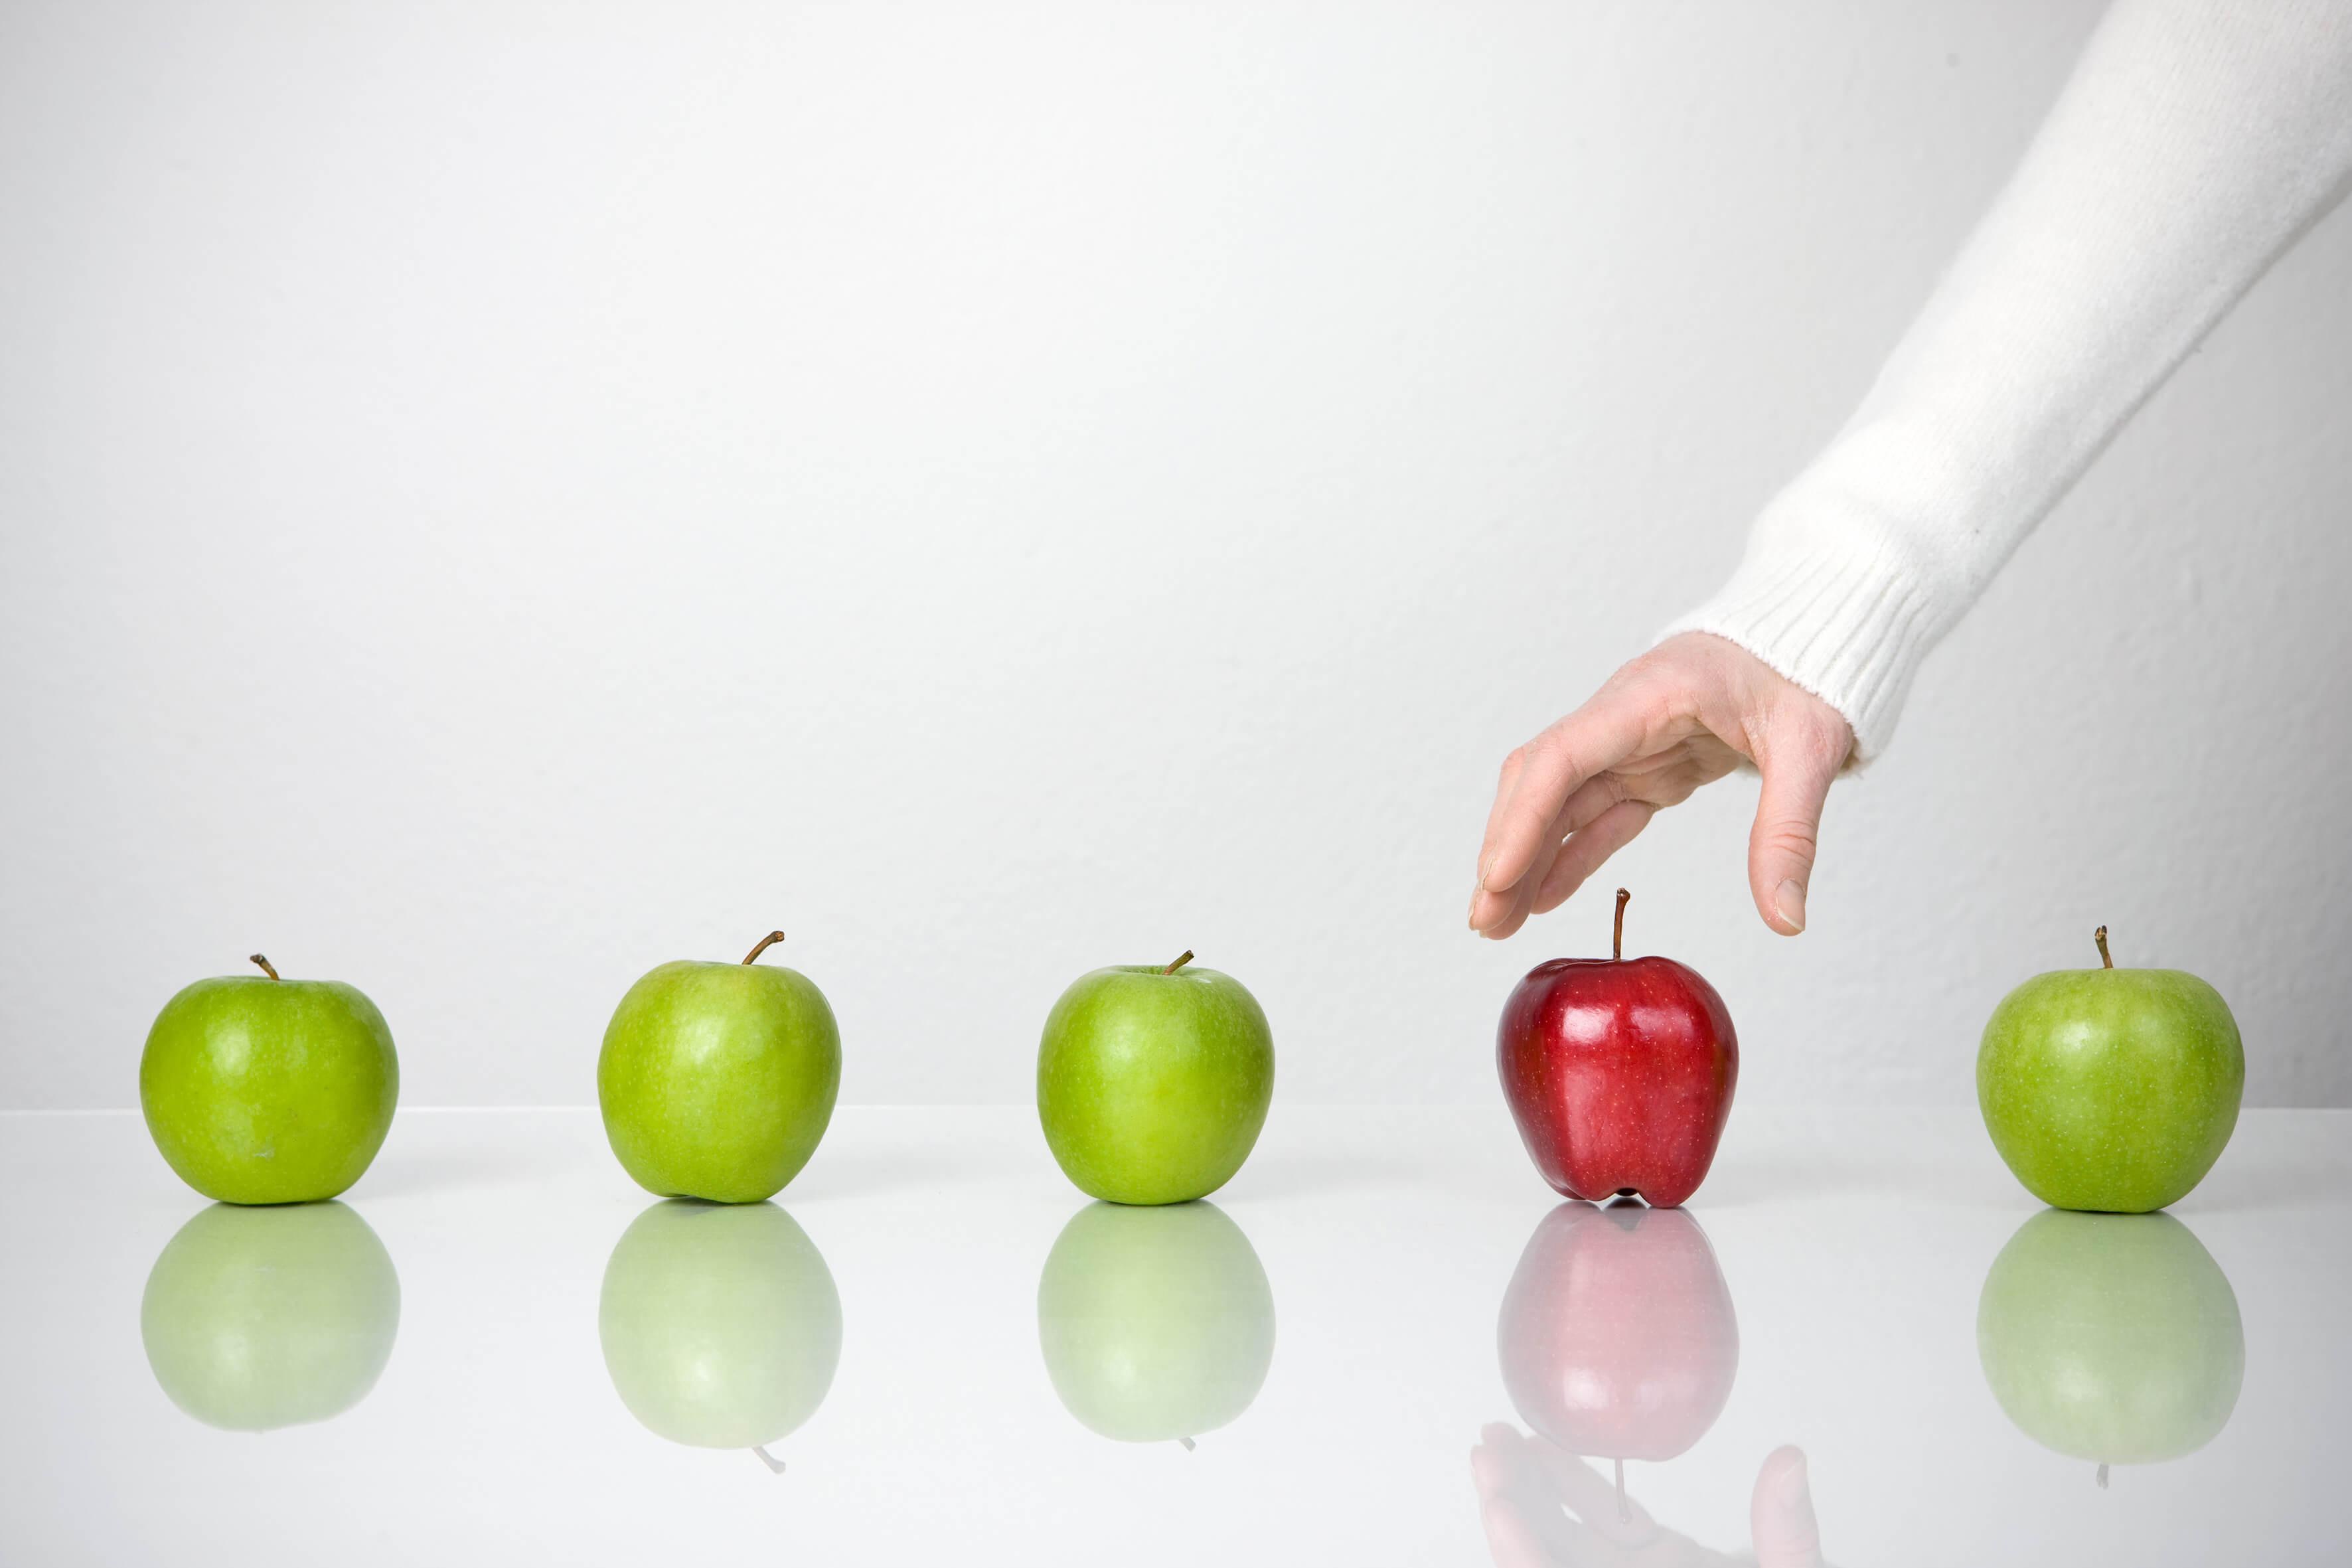 La Diferenciación De Un Producto Y El Posicionamiento